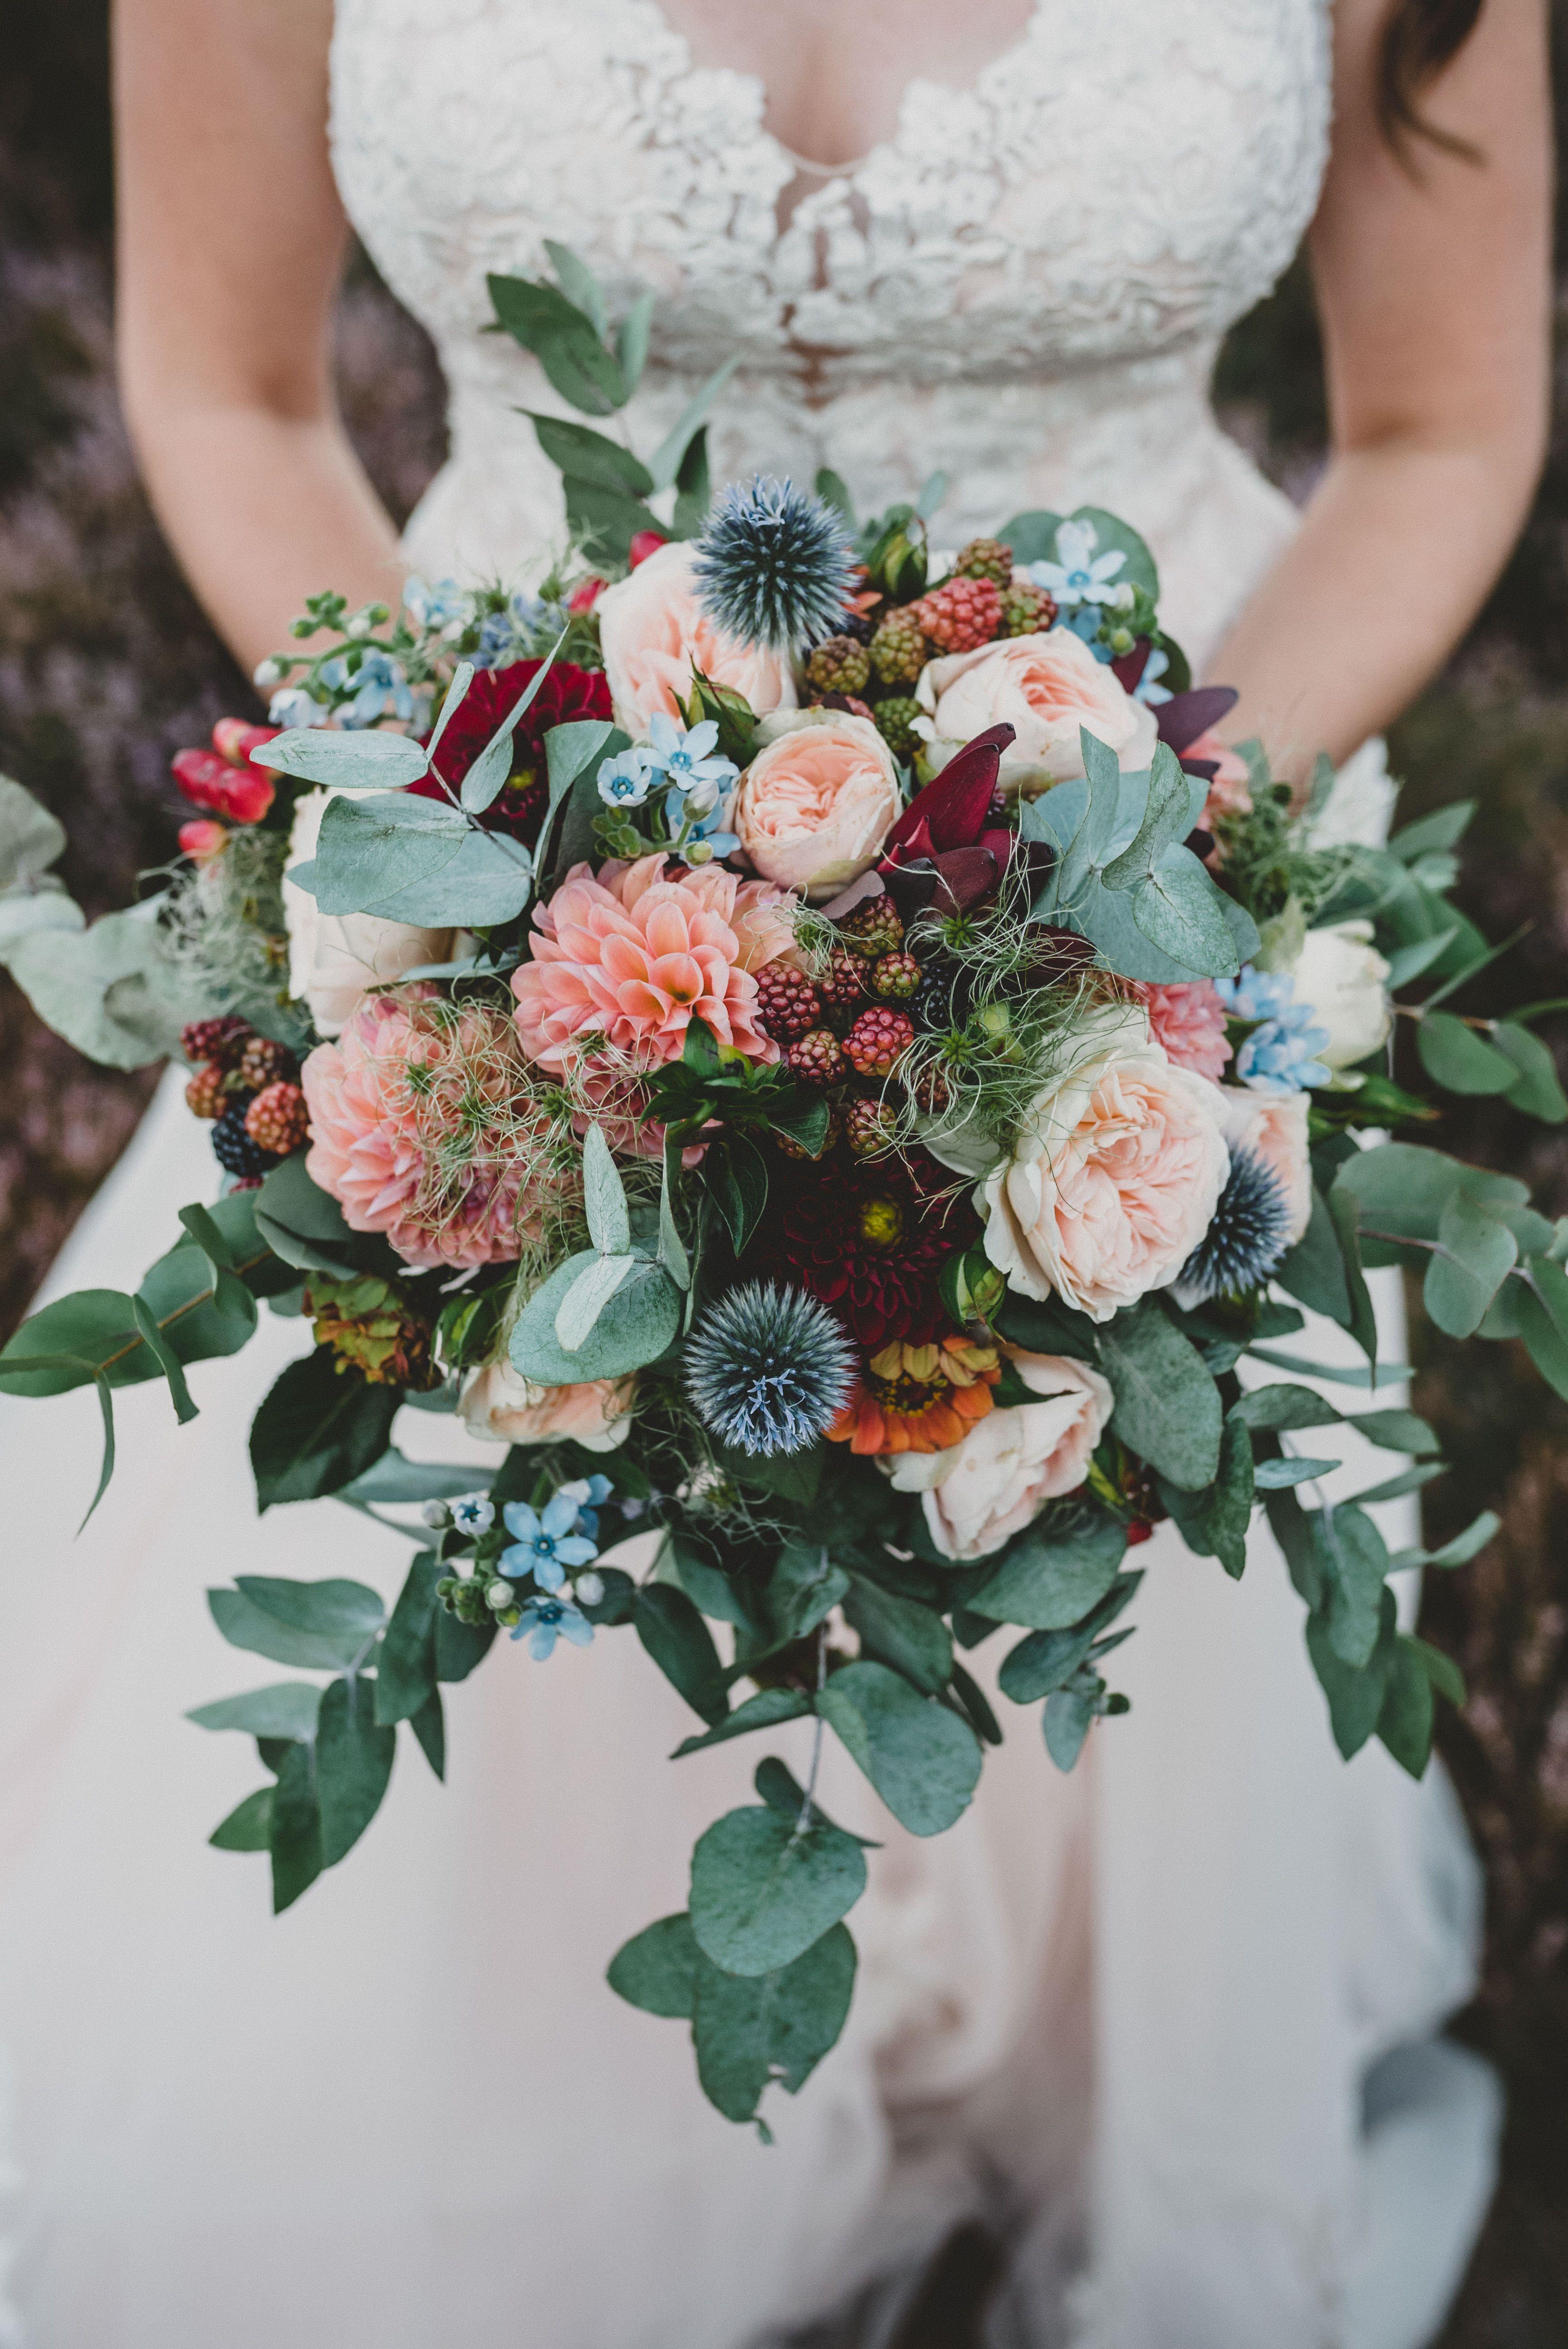 Vintage Blumenstrauss Mit Eukalyptus Disteln Dahlien Und Beeren Wildblumen Hochzeit Blumenstrauss Hochzeit Hochzeit